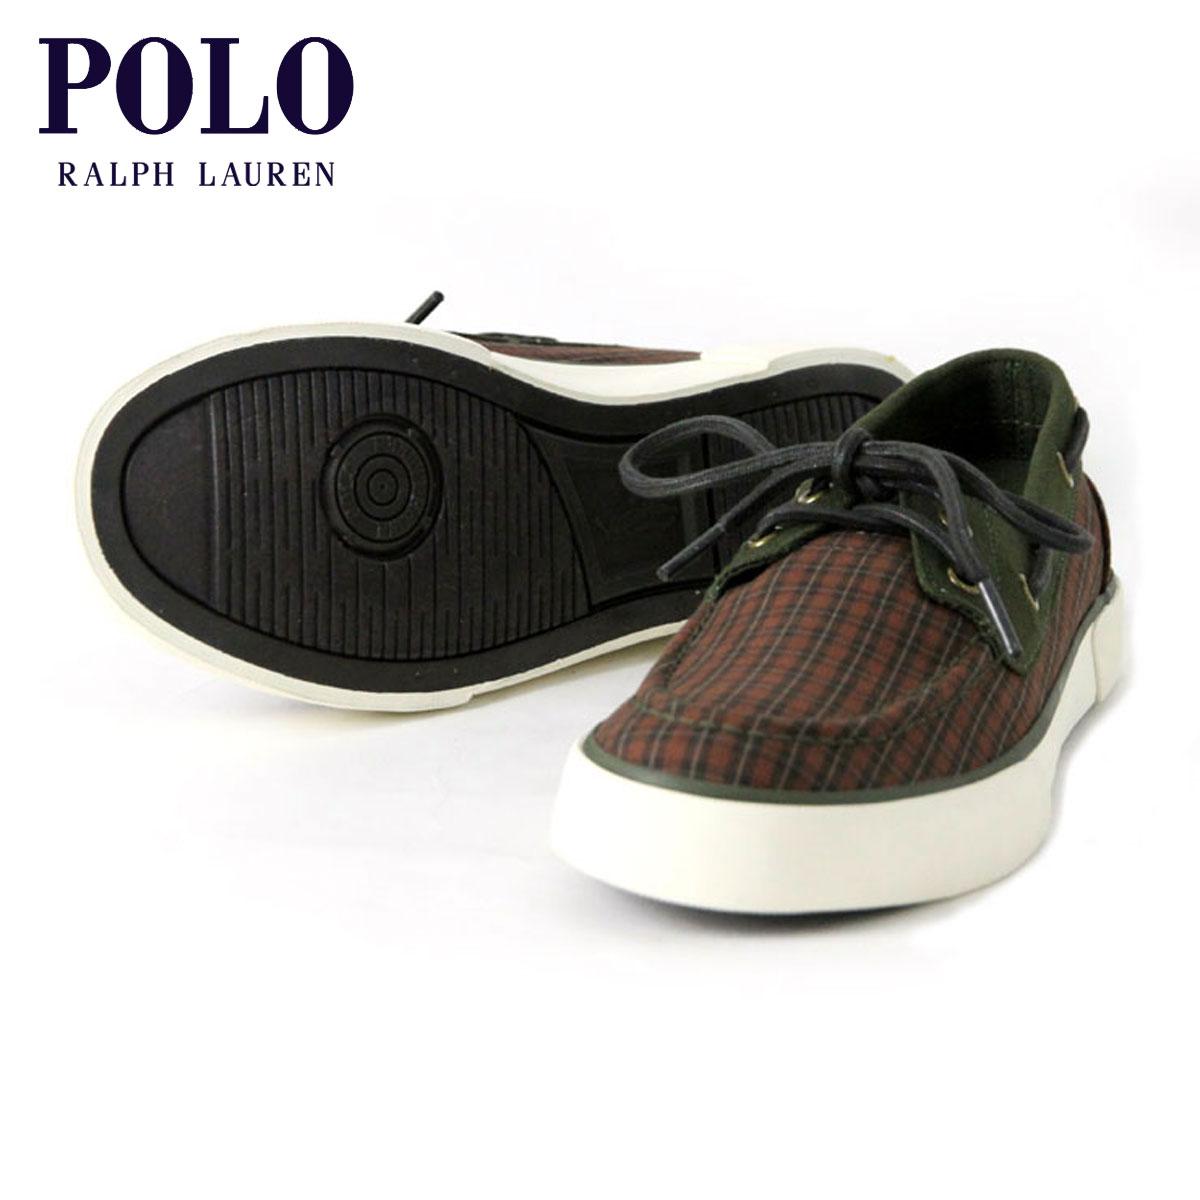 【販売期間 2/19 10:00〜3/2 9:59】 ポロ ラルフローレン POLO RALPH LAUREN 正規品 メンズ 靴 シューズ LANDER PLAID SNEAKER